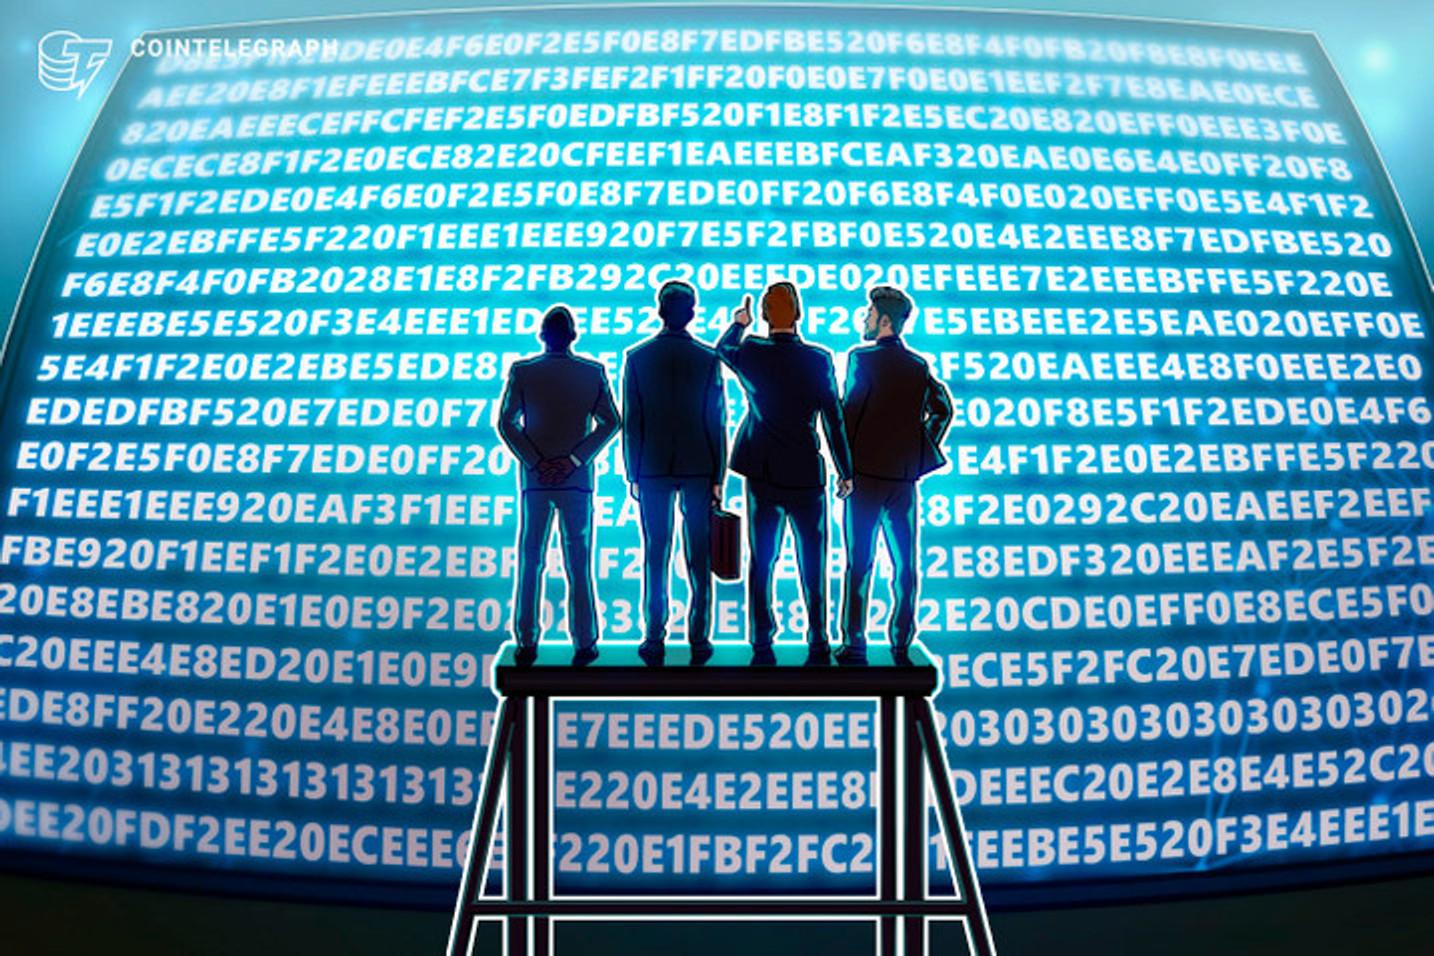 Ataques de hackers se intensificam no Brasil contra entidades públicas; especialistas dizem que país está despreparado